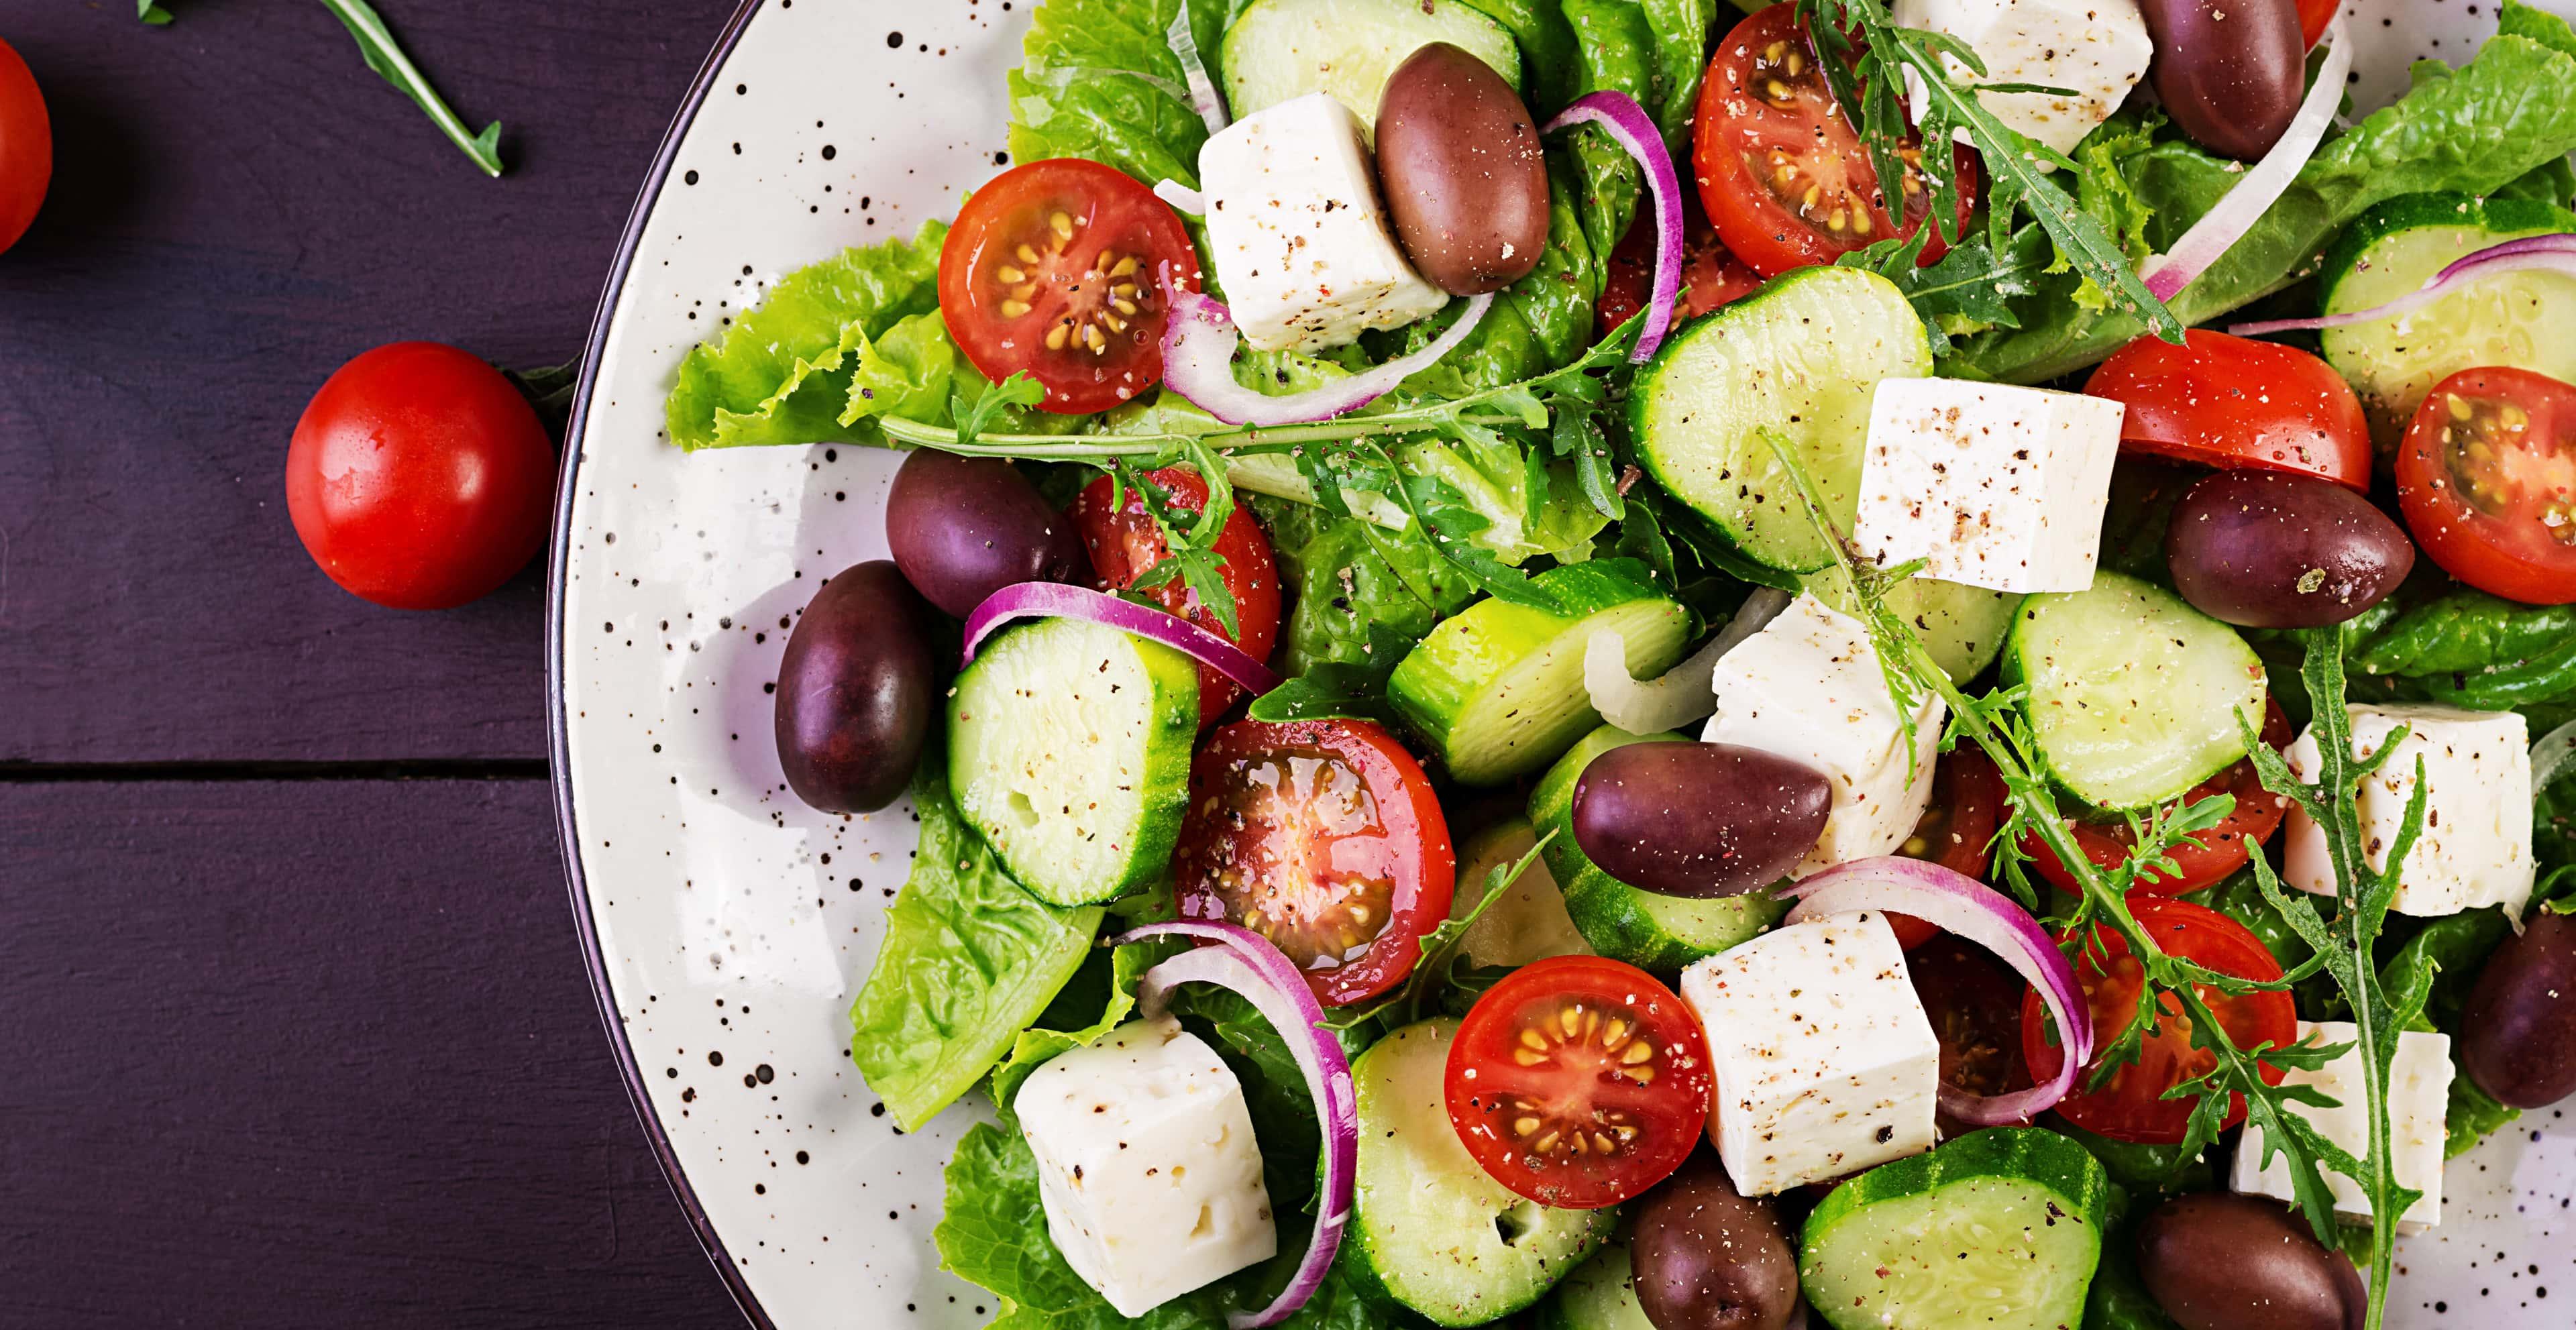 Mediterranean diet greek salad with fresh vegetables